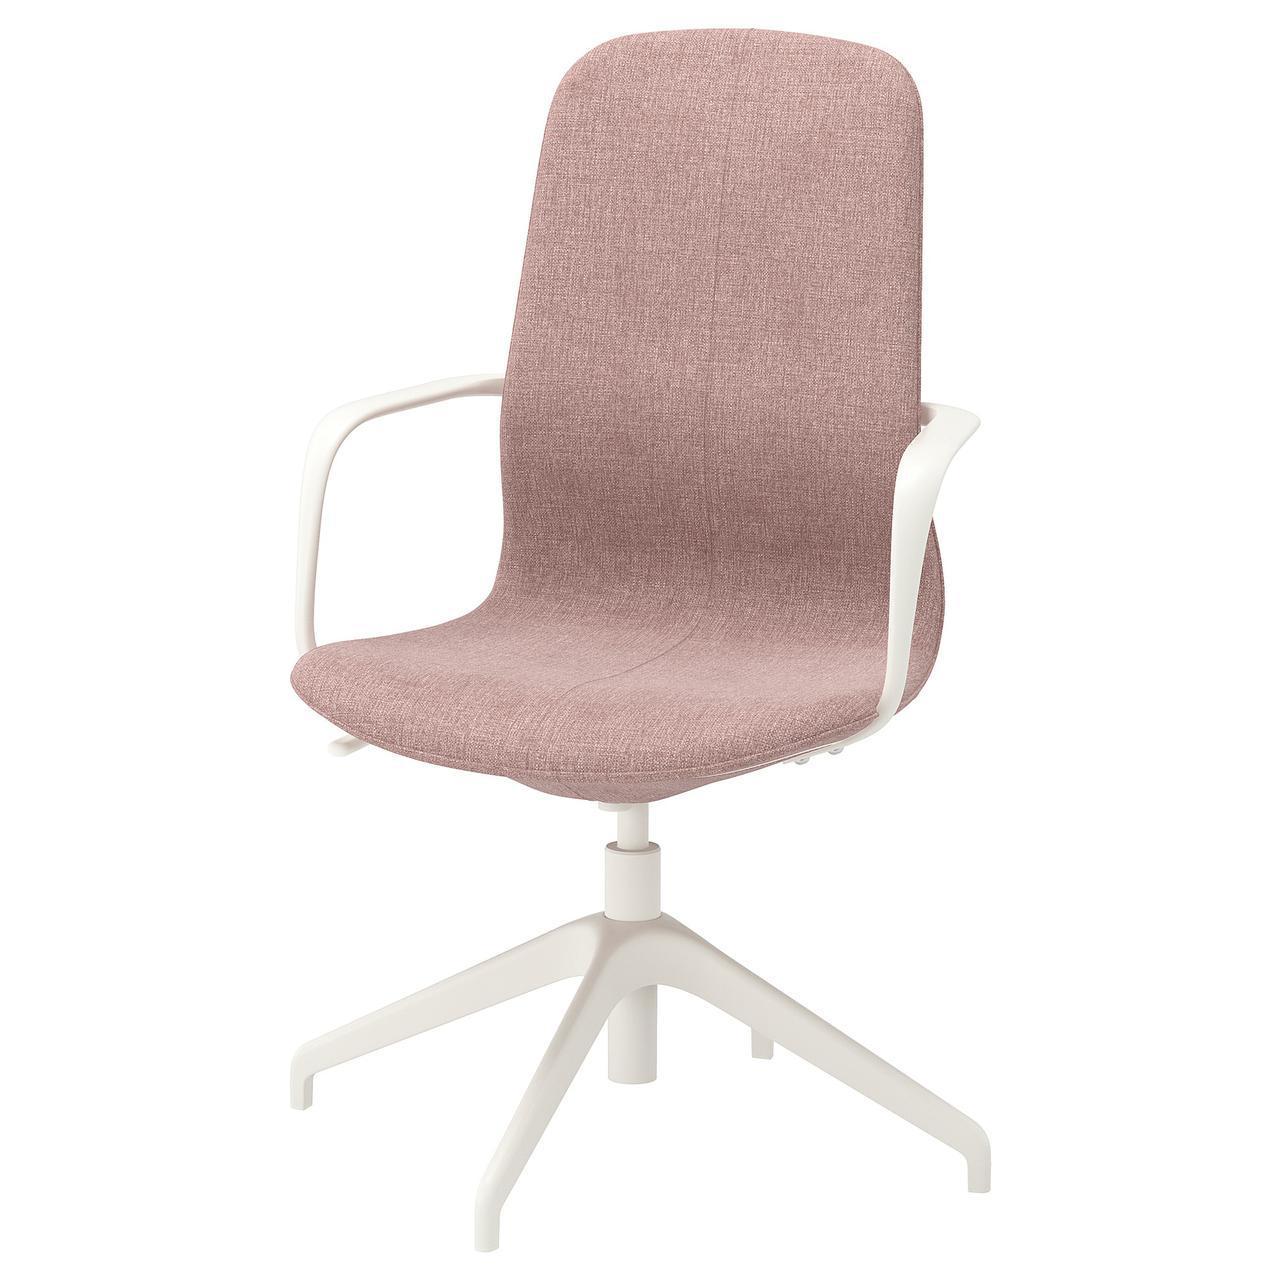 Компьютерное кресло IKEA LÅNGFJÄLL Gunnared светло-розовое белое 692.526.46